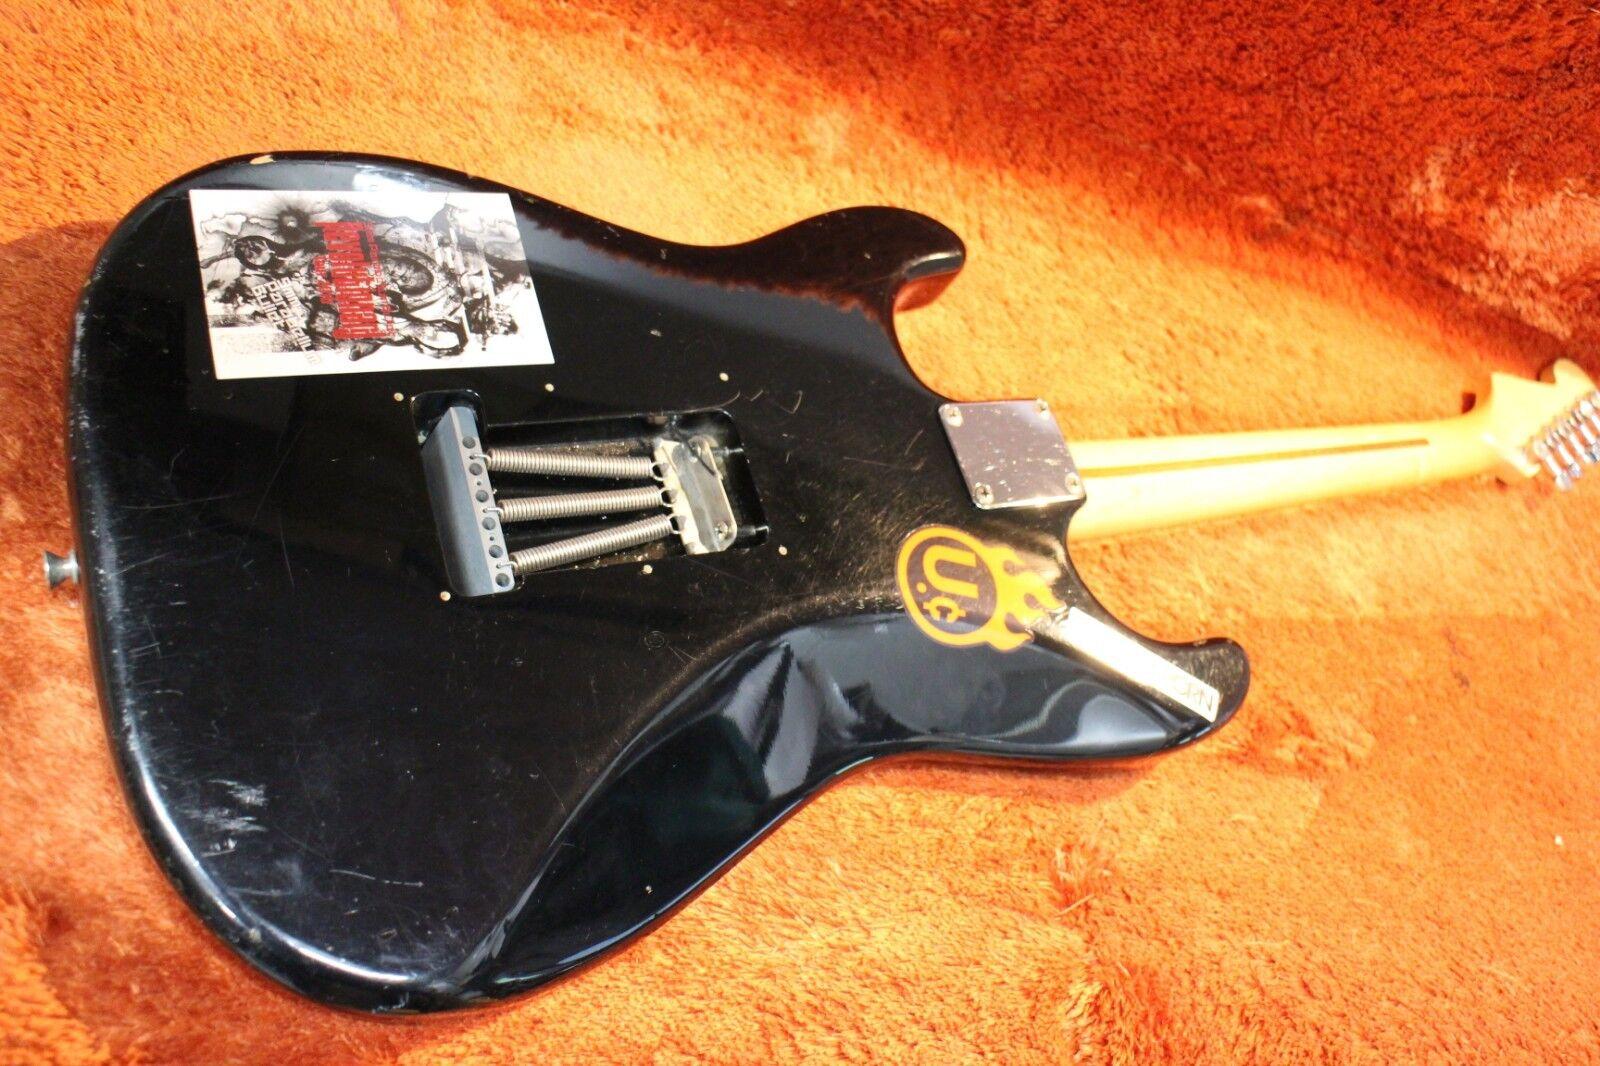 Guitarra Guitarra Guitarra Eléctrica Usada Fender Japón Stratocaster Cuerpo Negro Cuello de Arce U265 180926 5df585